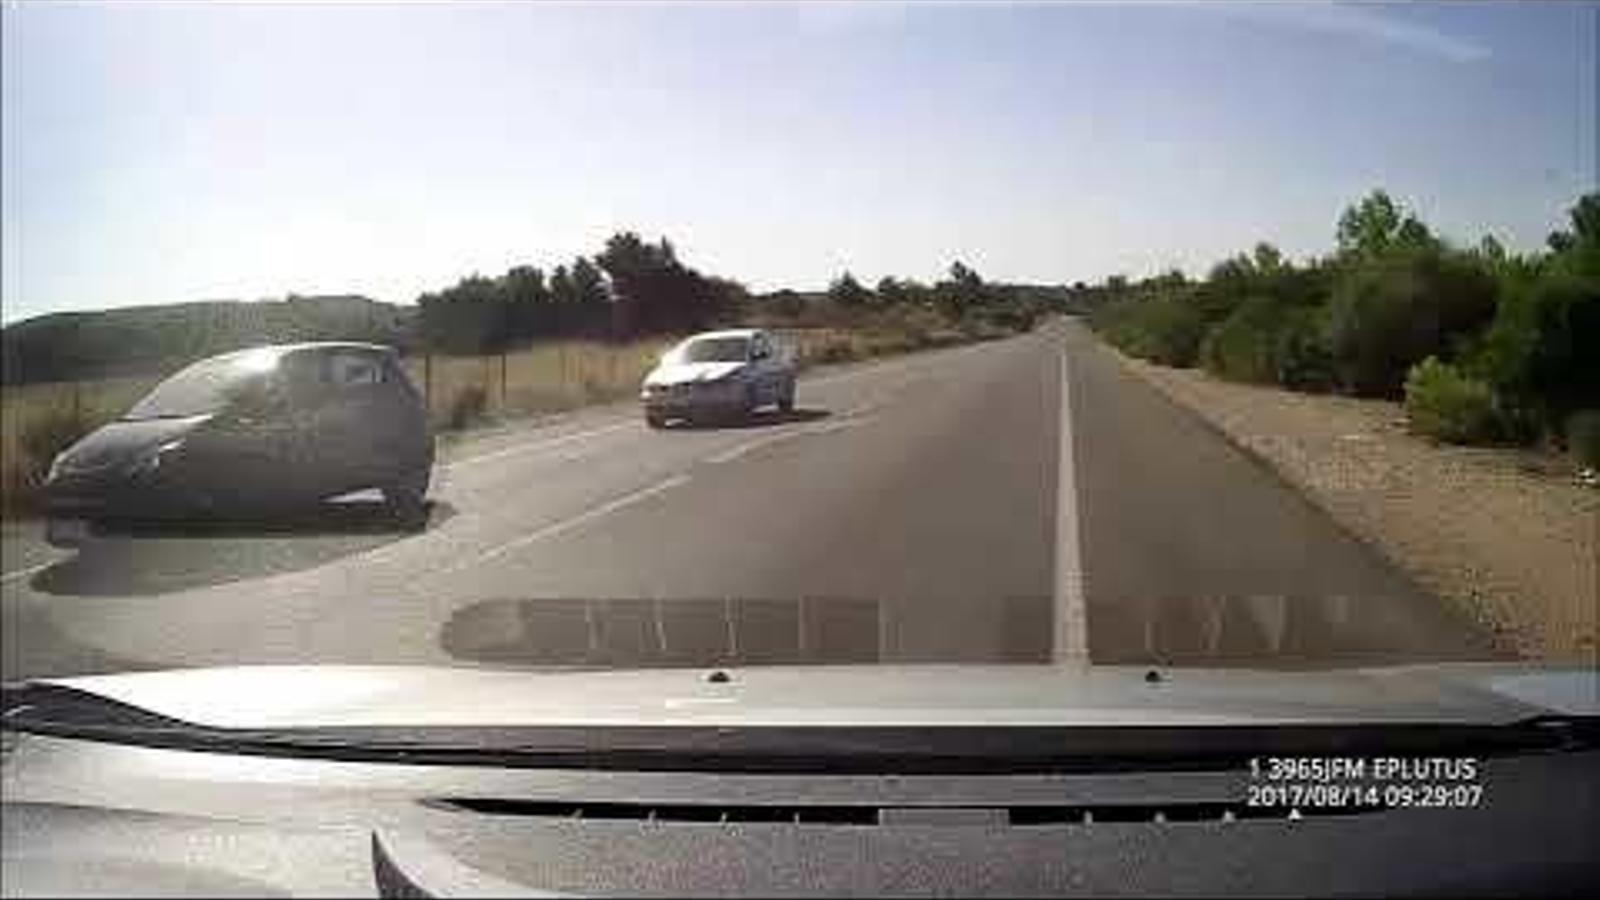 Un conductor temerari tracta de treure'n un altre de la carretera